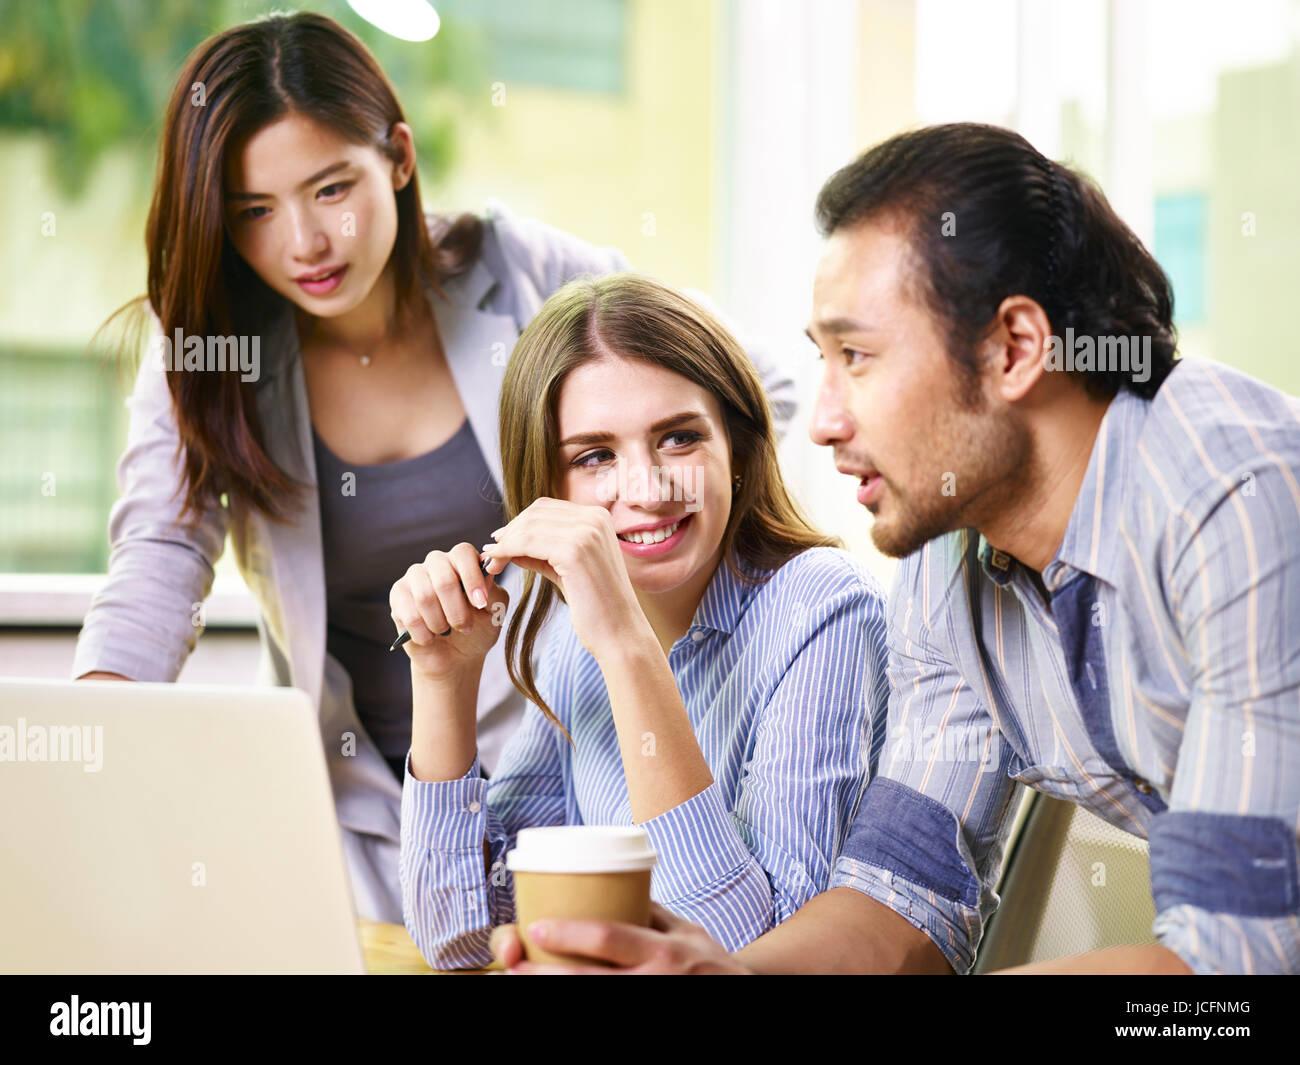 Caucasian dating in singapore